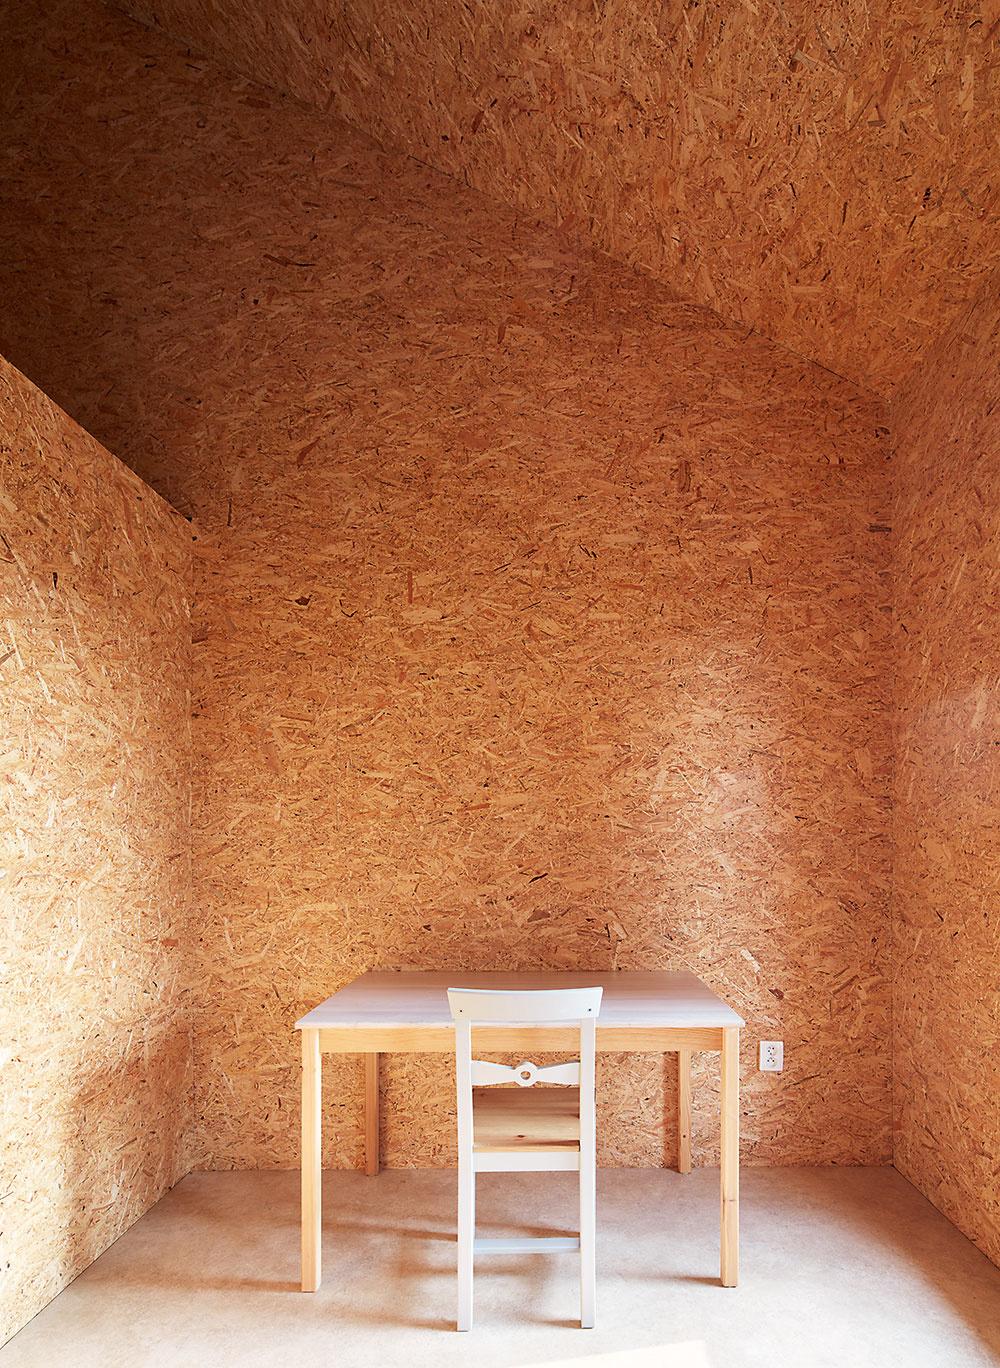 Na detskú izbu sneveľkou podlahovou plochou na prízemí nadväzuje galéria pod šikmou strechou, určená na spanie. Miestnosť sa tým efektívne zväčšila azároveň získala na atraktívnosti.